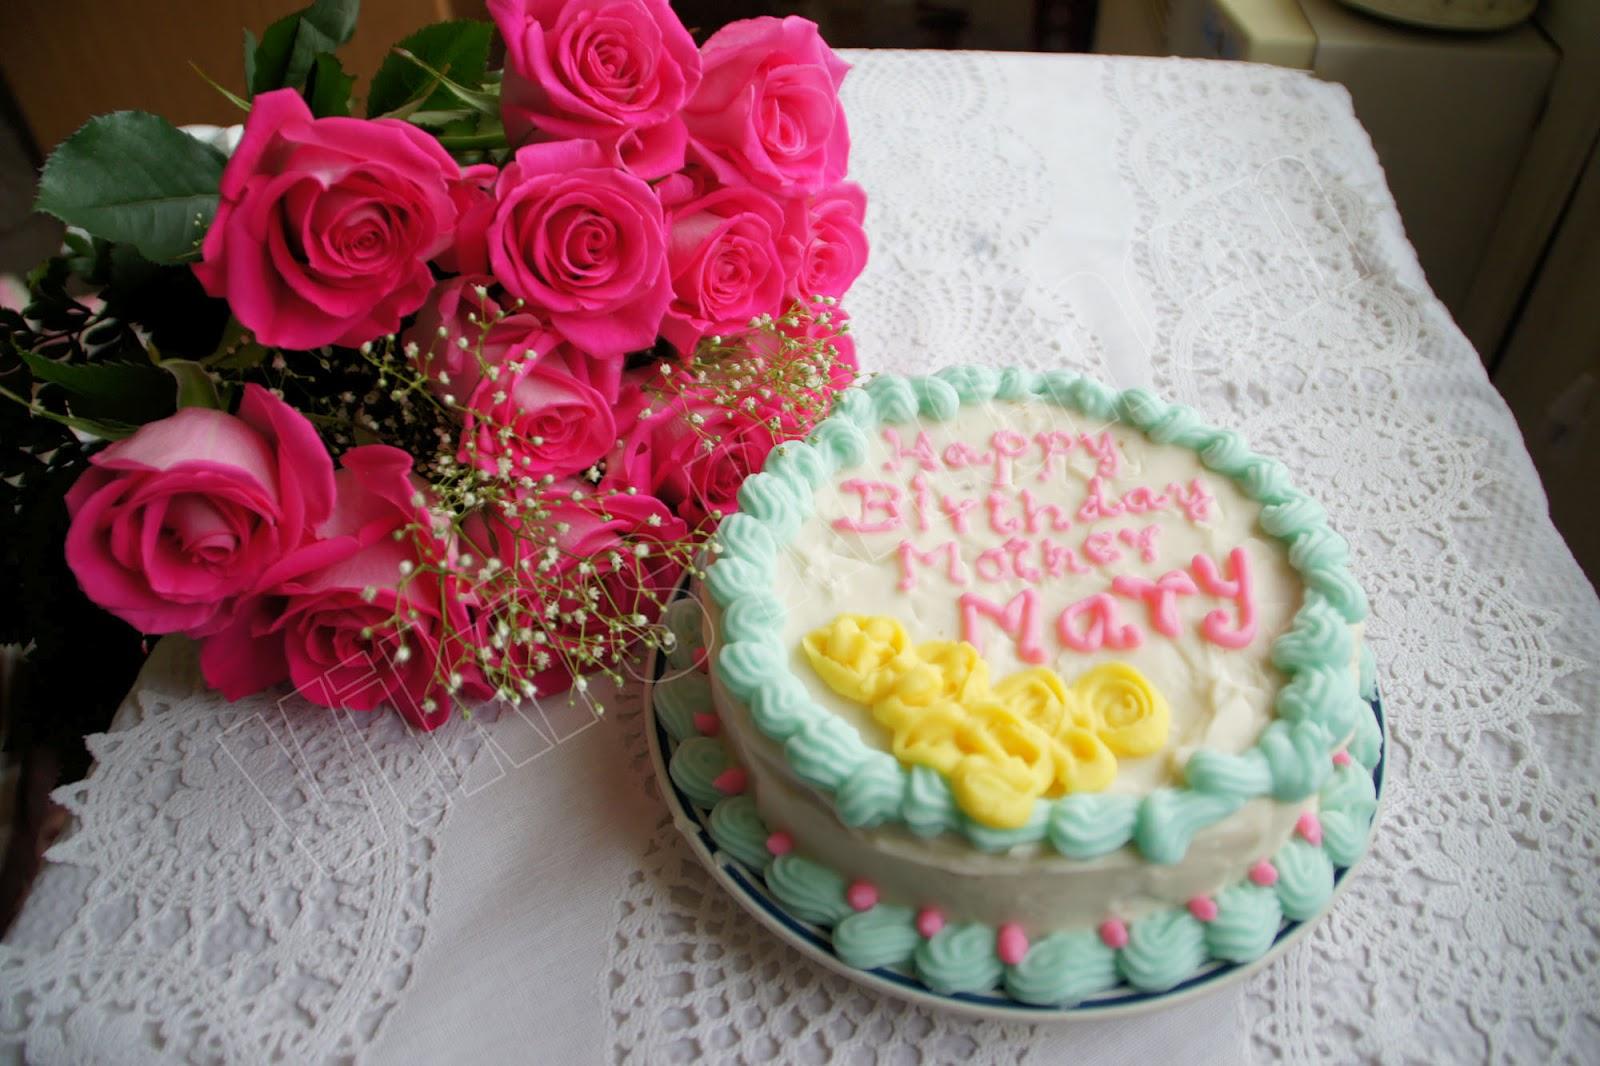 Viki S Kitchen Mother Marys Birthday